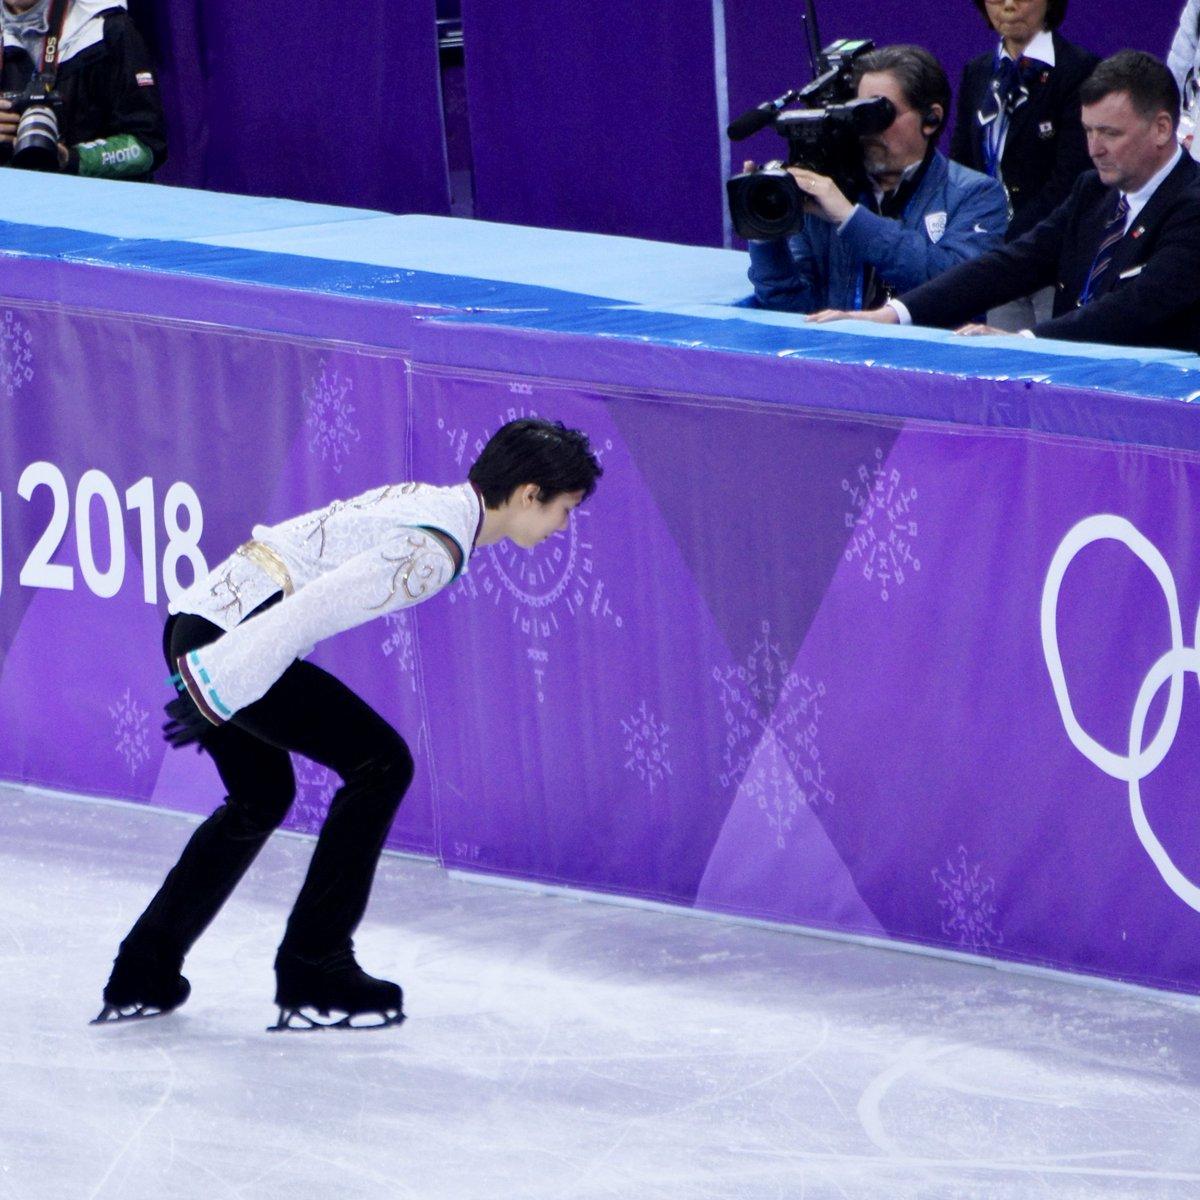 2018.2.17 コールの時。 前も載せたけど💦 笑っていたんだよね😌  #PyeongChang2018  #YuzuruHanyu